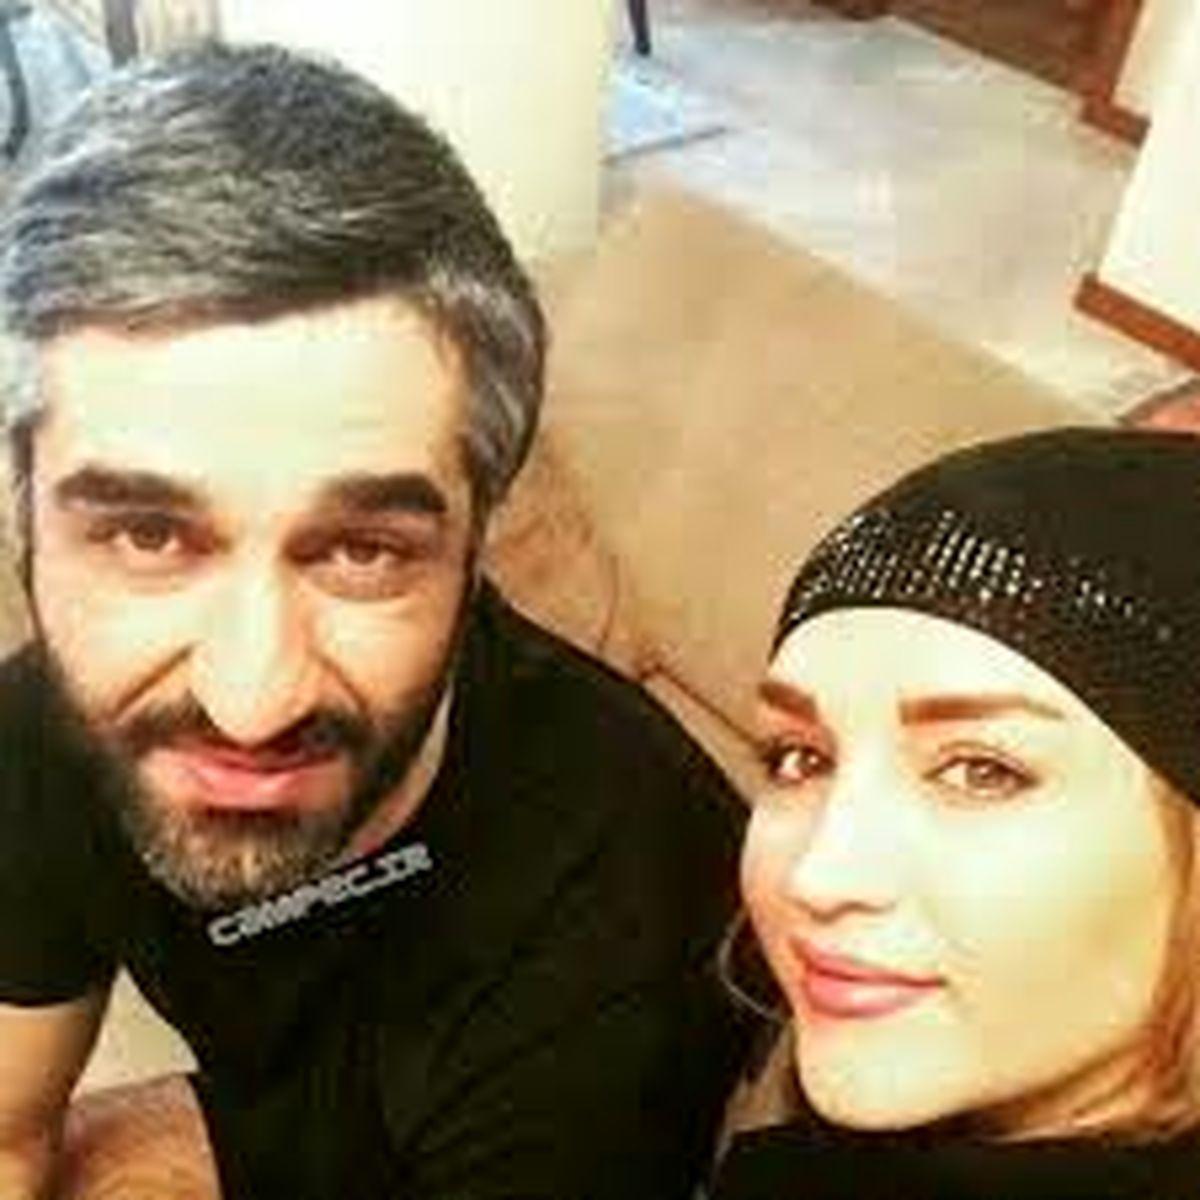 عکس بی حجاب همسر مهران غفوریان و خواهر پژمان جمشیدی جنجالی شد + عکس